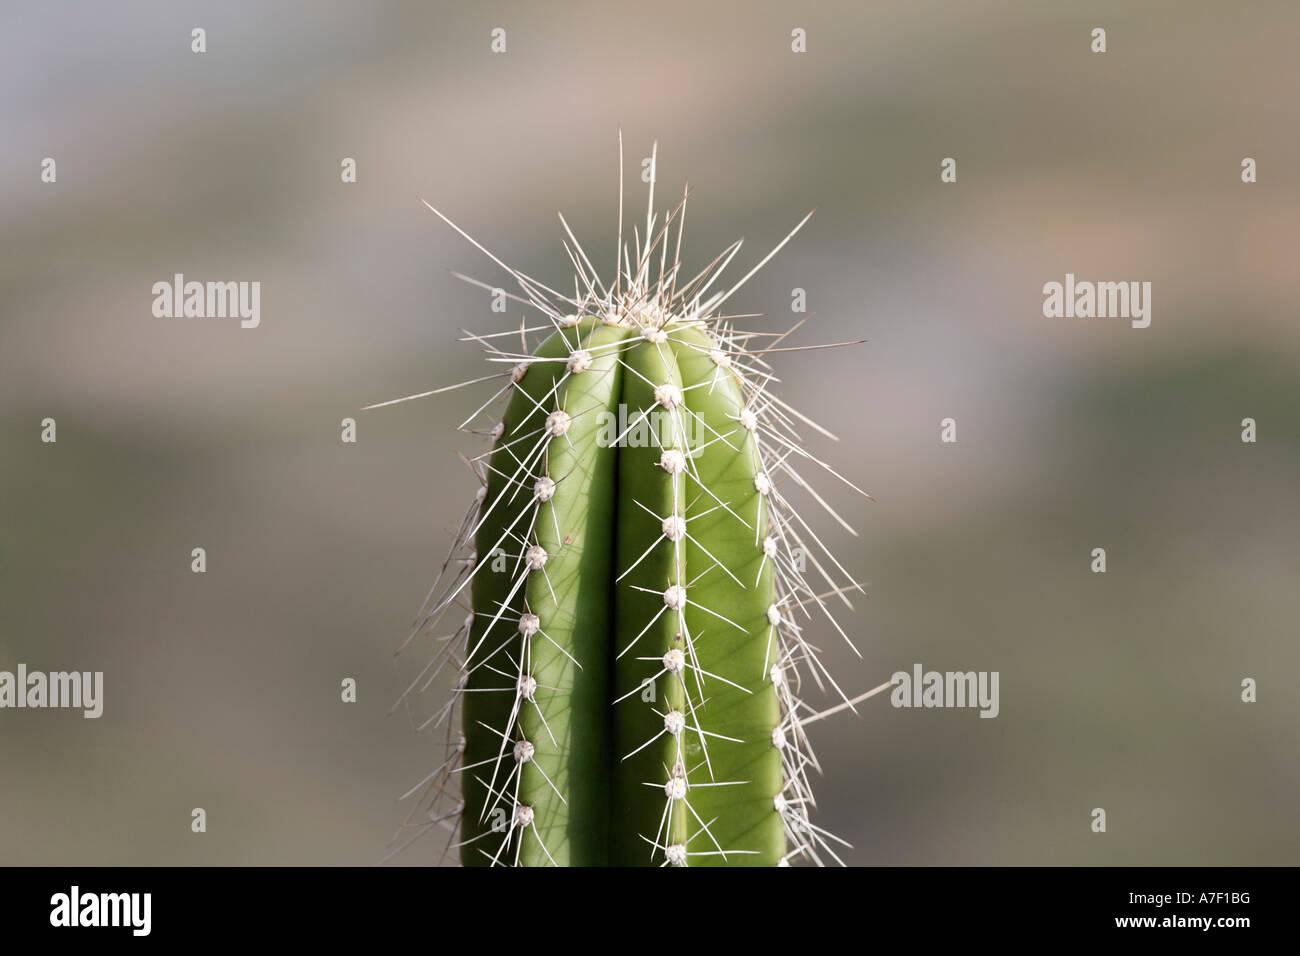 Cactus en el Parque Nacional Palo Verde, Guanacaste, Costa Rica Imagen De Stock